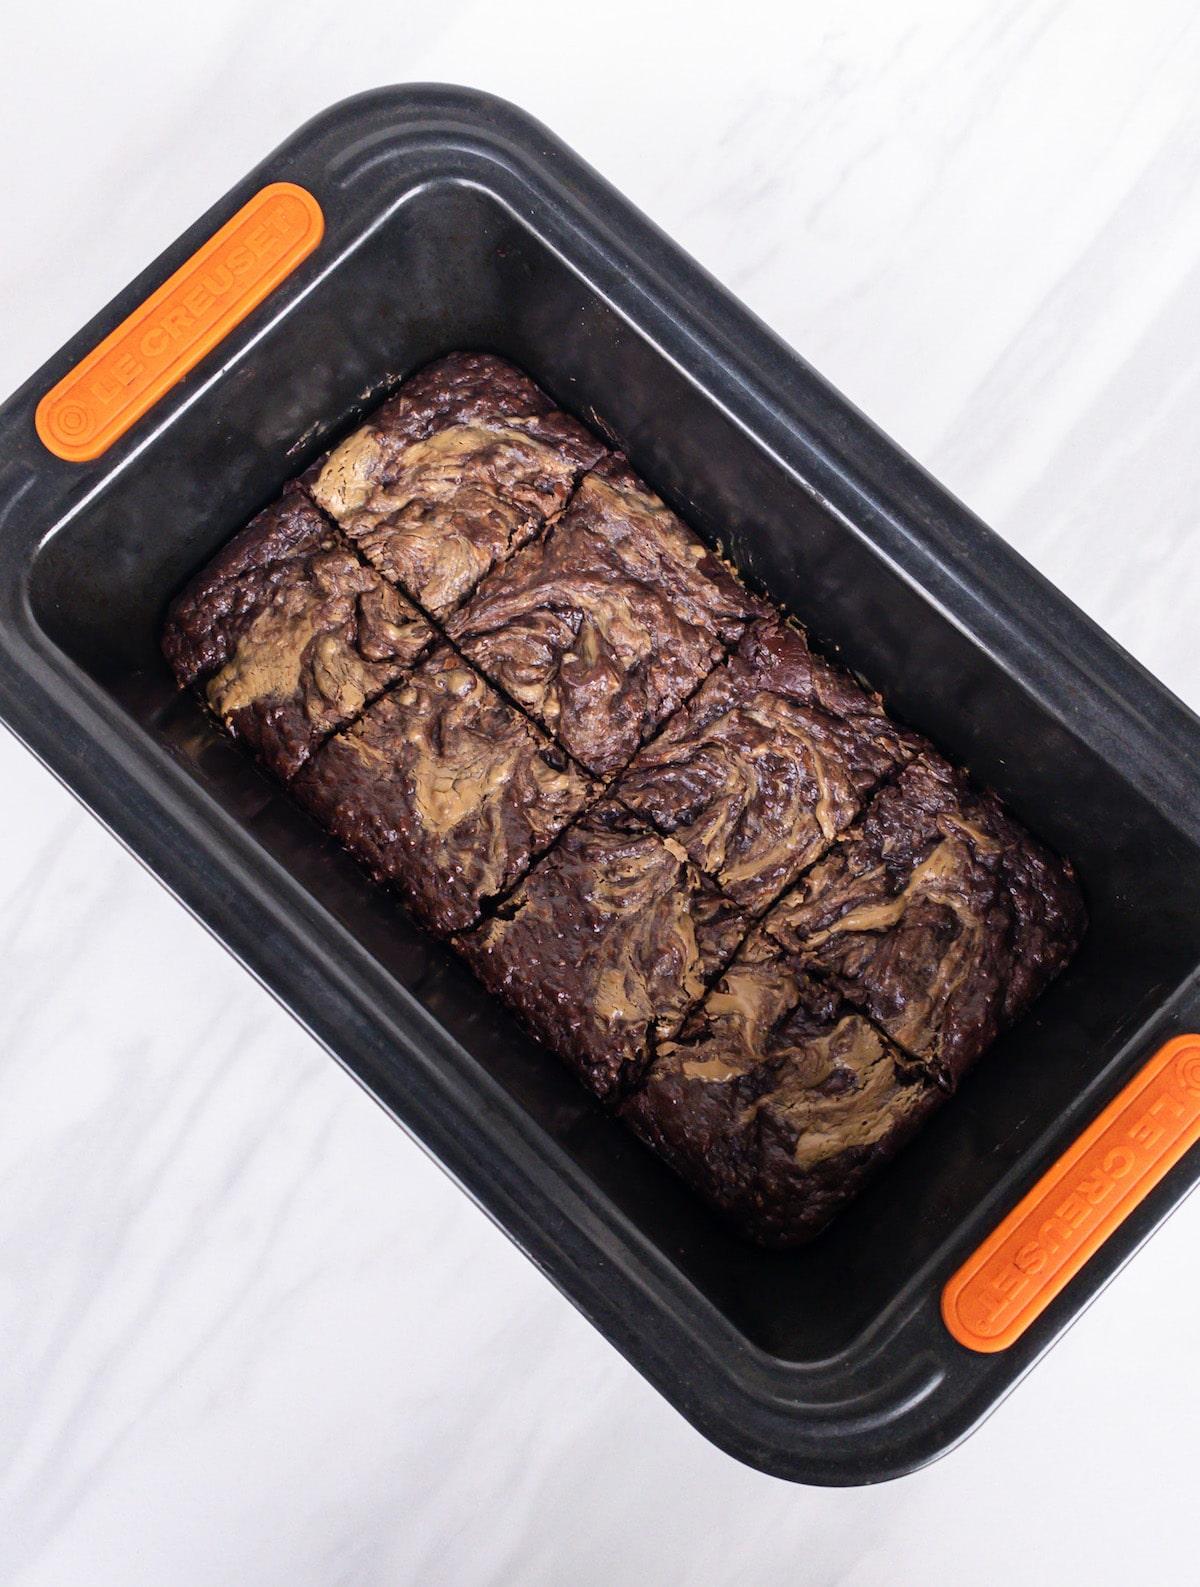 8 sliced brownies in a pan